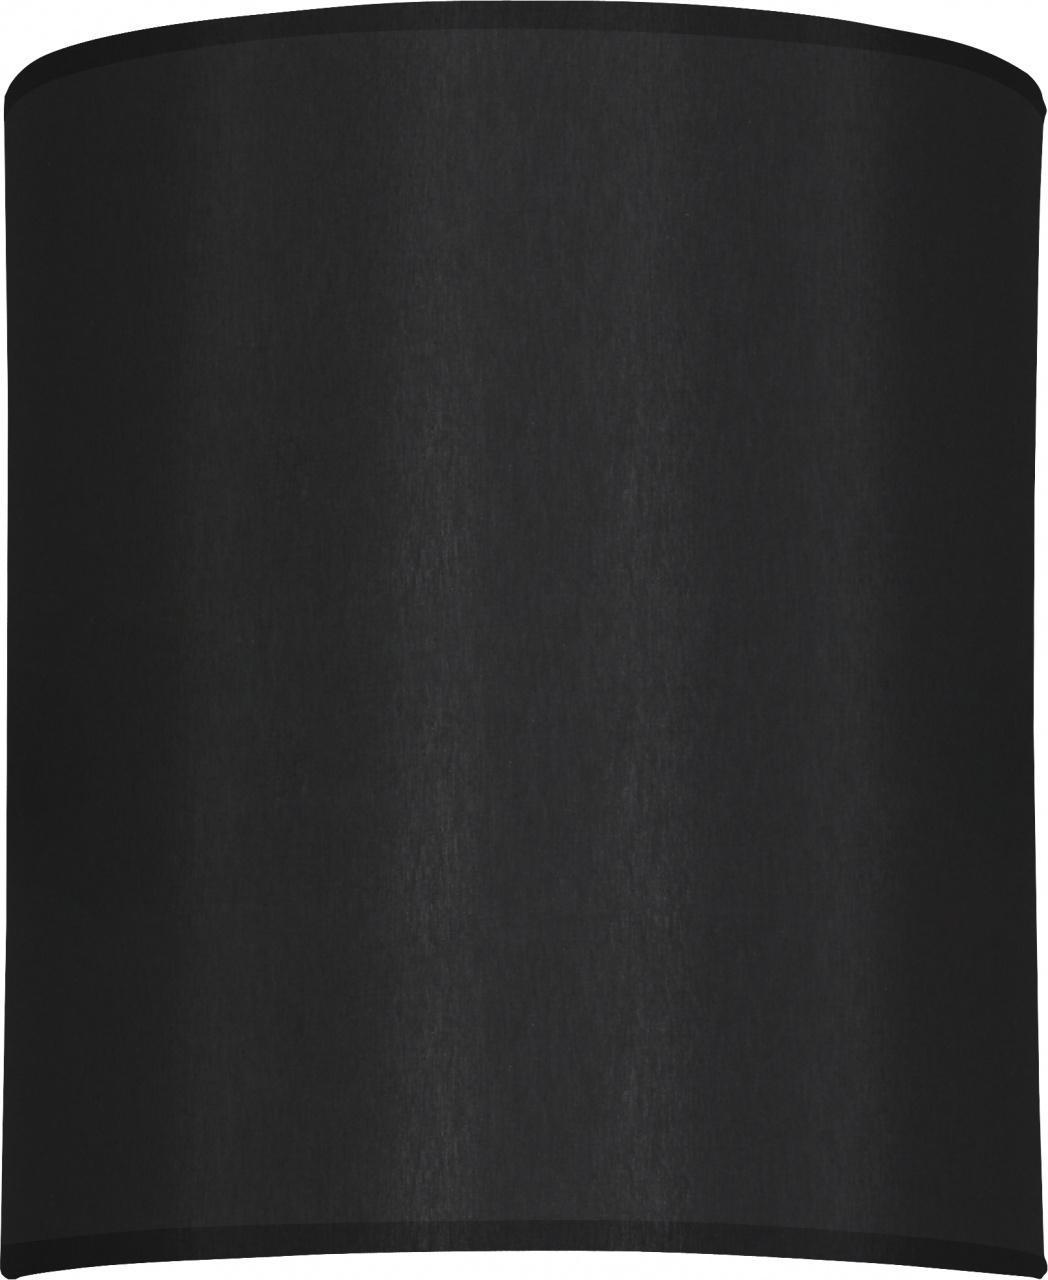 Настенный светильник Nowodvorski Alice 5724 nowodvorski настенный светодиодный светильник nowodvorski oslo 9634